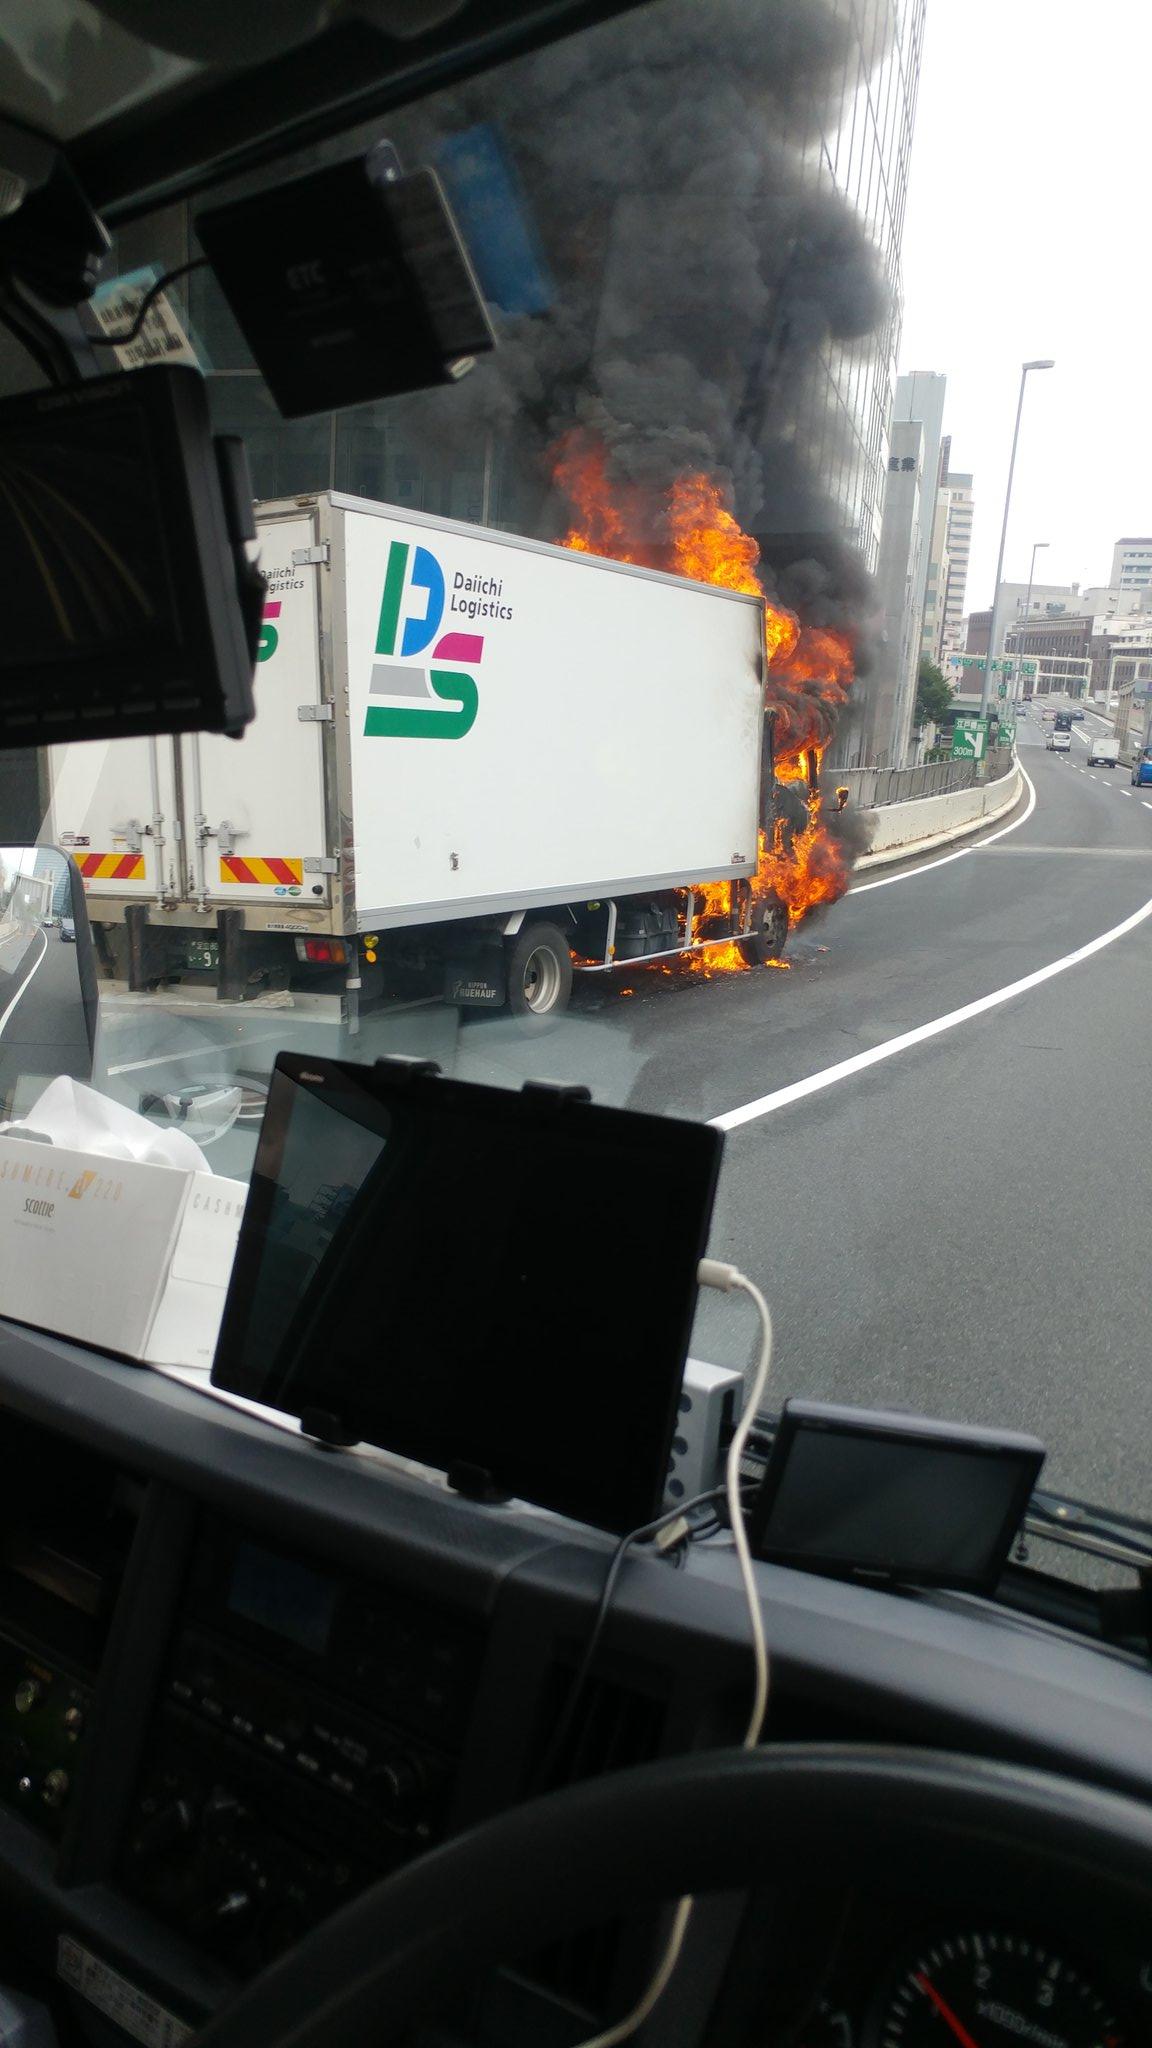 首都高の神田橋付近で車両火災が発生し通行止めとなっている現場の画像